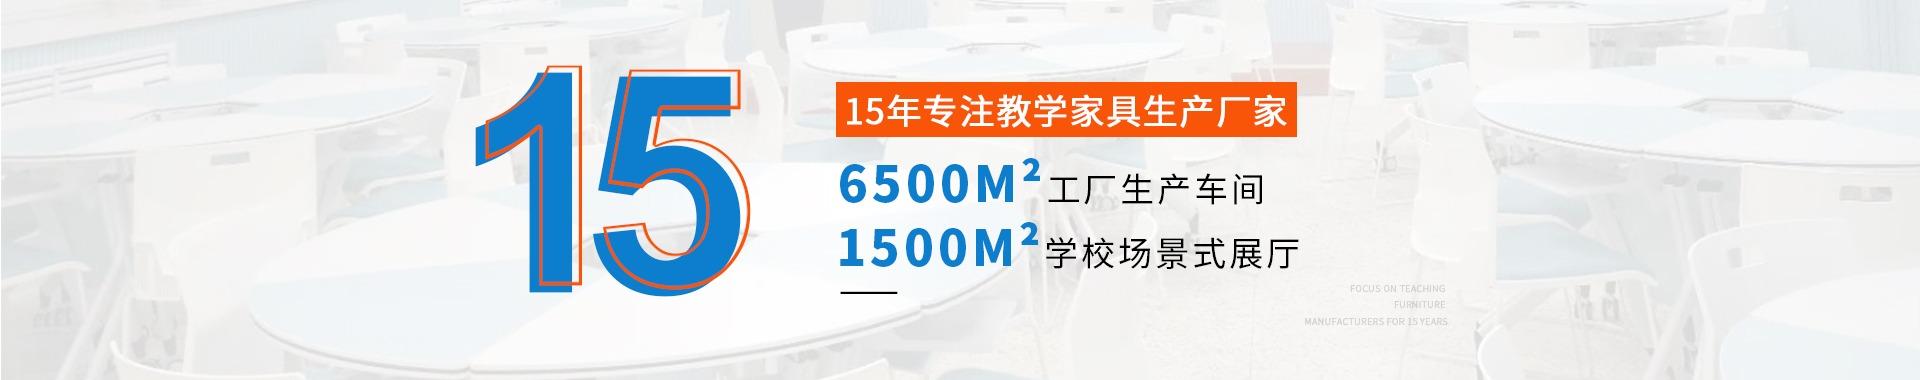 鼎优学校家具公司介绍